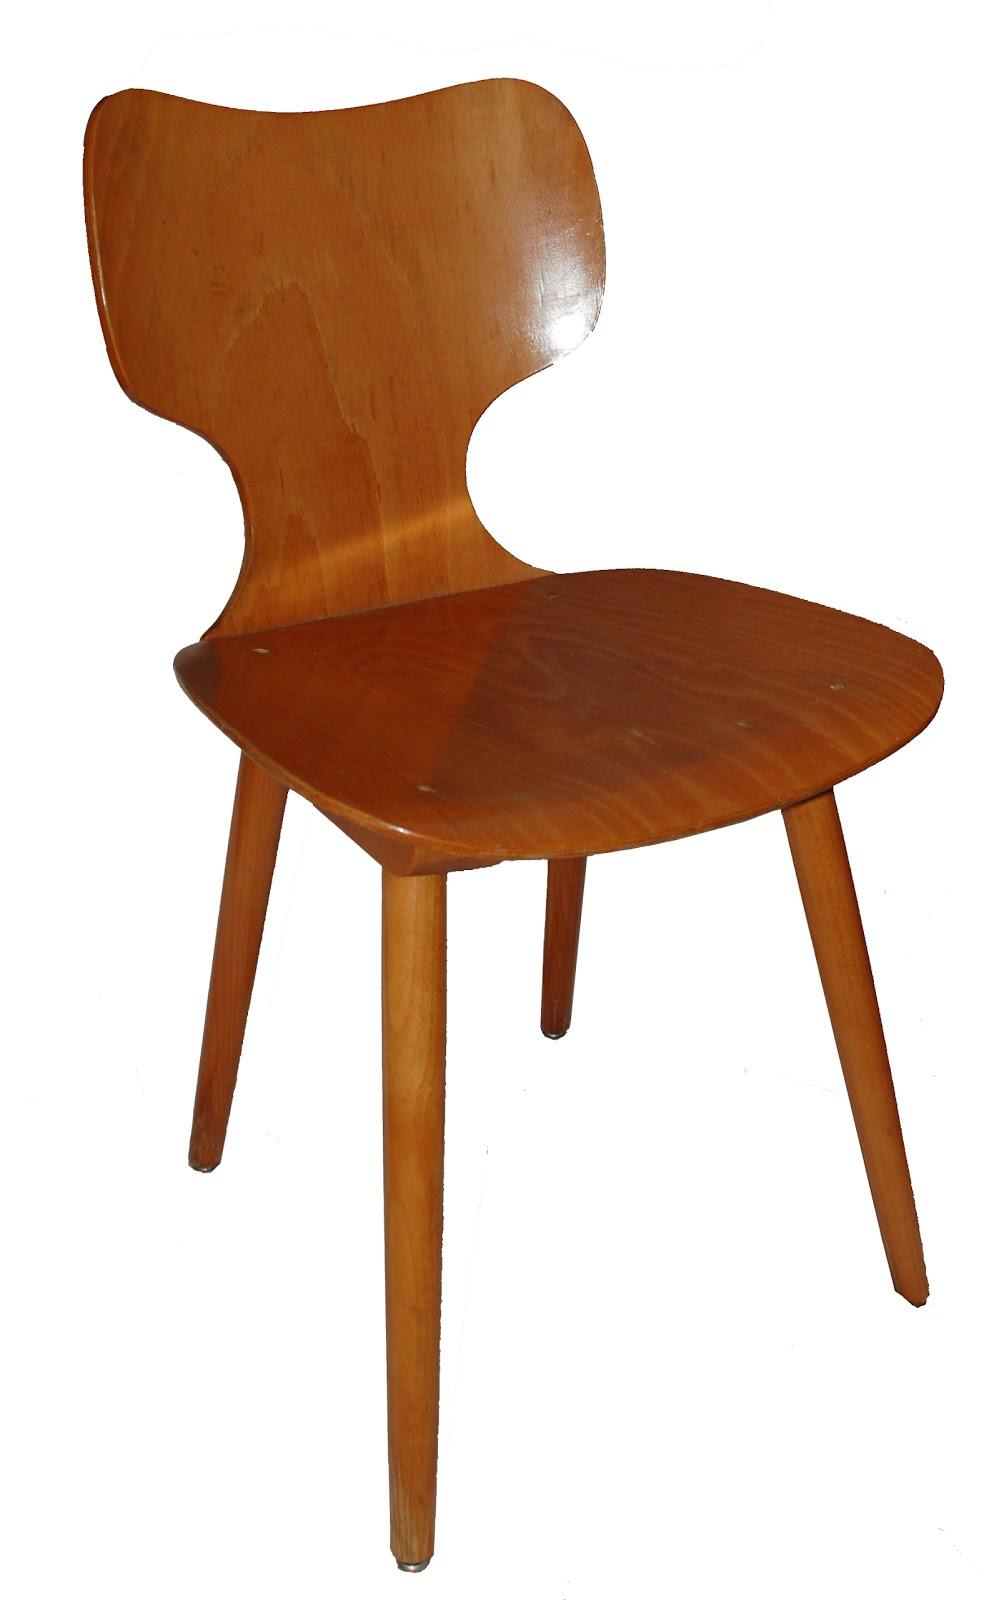 Bo vintage chaise bistro marteau de baumann vintage for Chaise 70 cm